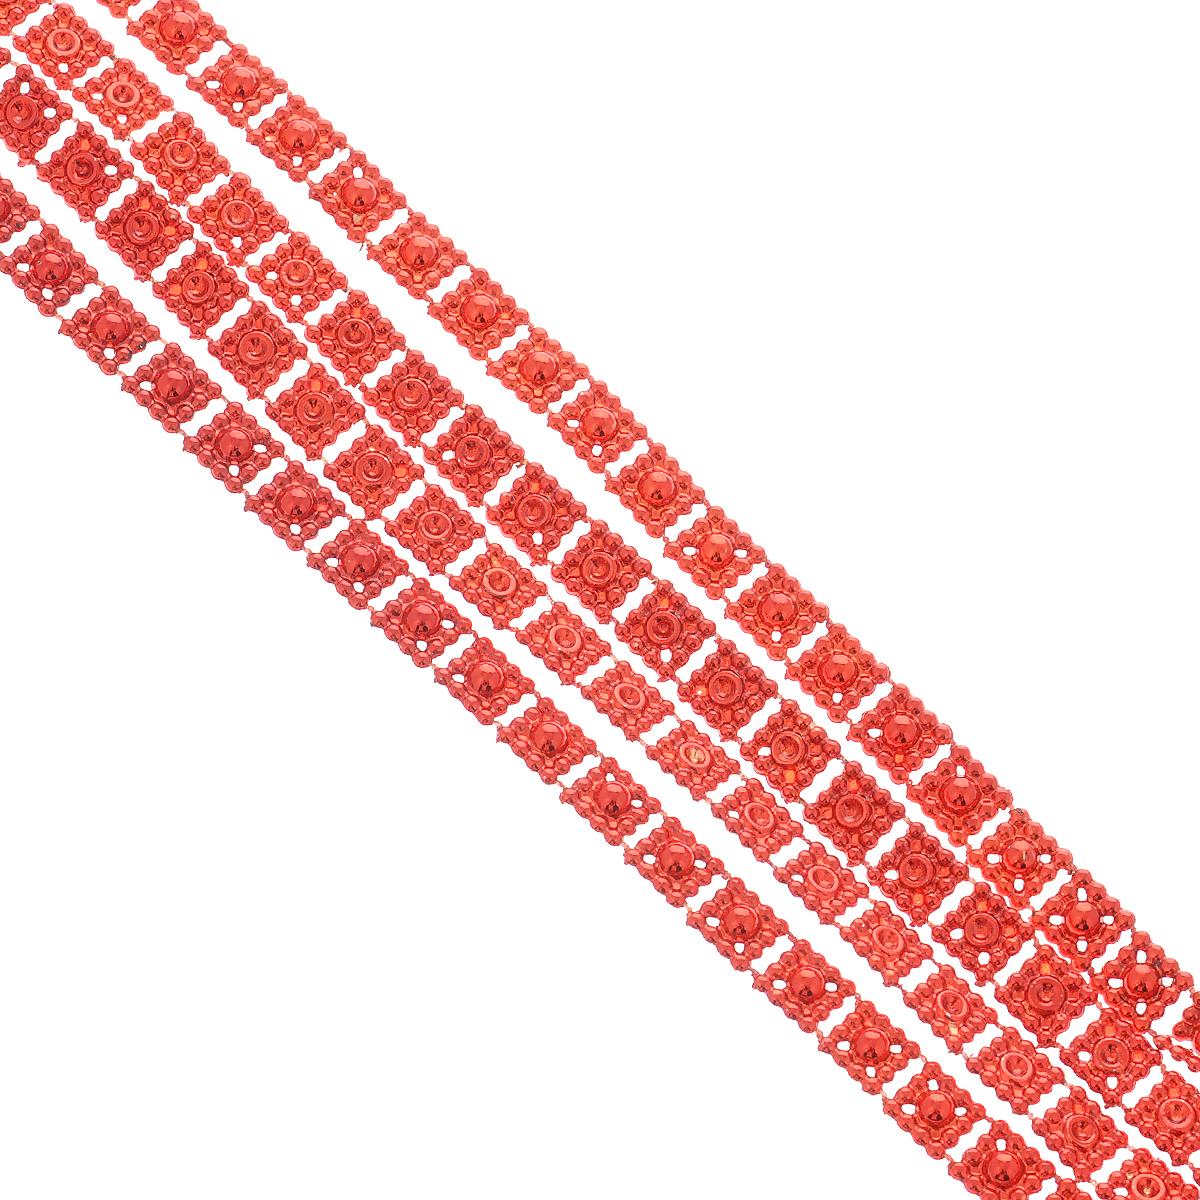 Новогодняя гирлянда Квадратики, цвет: красный, 2,7 м. 3443634436Новогодняя гирлянда прекрасно подойдет для декора дома или офиса. Украшение выполнено из разноцветной металлизированной фольги. С помощью специальных петелек гирлянду можно повесить в любом понравившемся вам месте. Украшение легко складывается и раскладывается. Новогодние украшения несут в себе волшебство и красоту праздника. Они помогут вам украсить дом к предстоящим праздникам и оживить интерьер по вашему вкусу. Создайте в доме атмосферу тепла, веселья и радости, украшая его всей семьей.